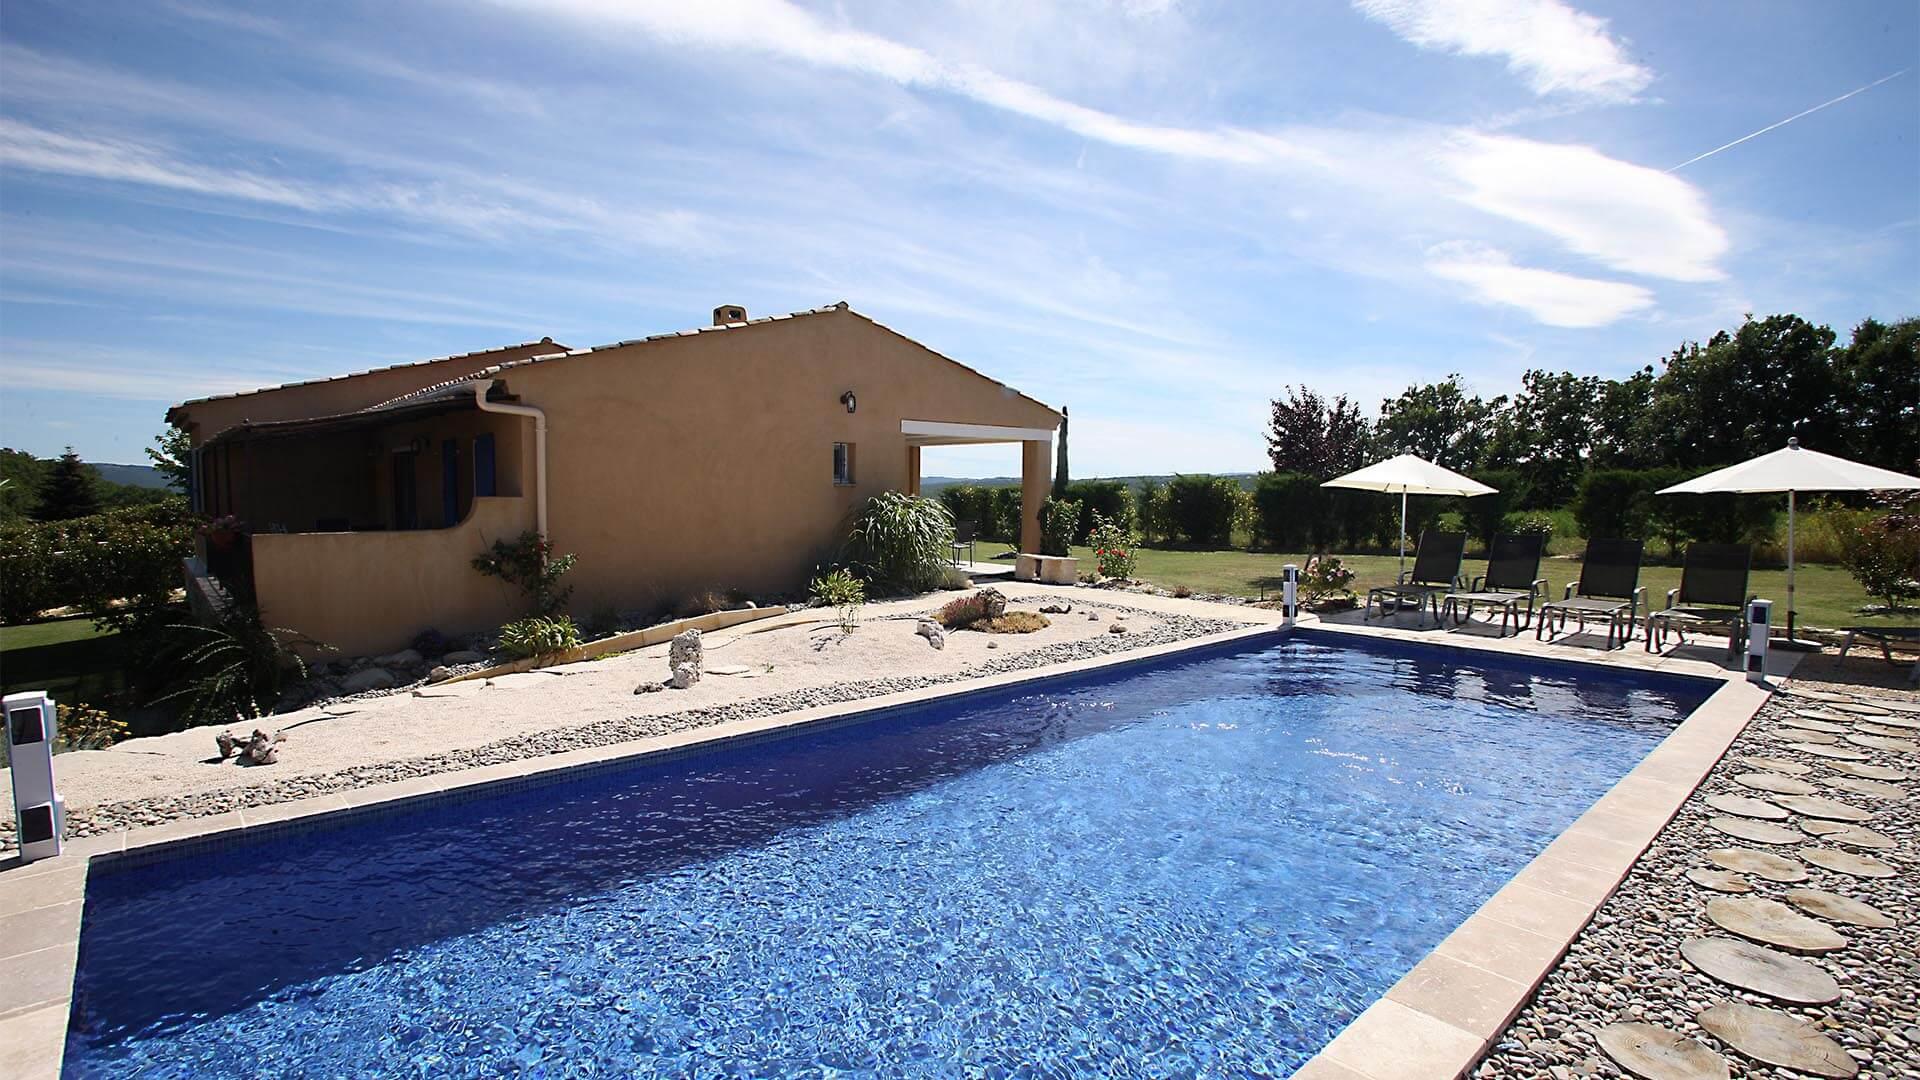 Villa à louer vacances 04 | Villa terre d'ocre | Piscine